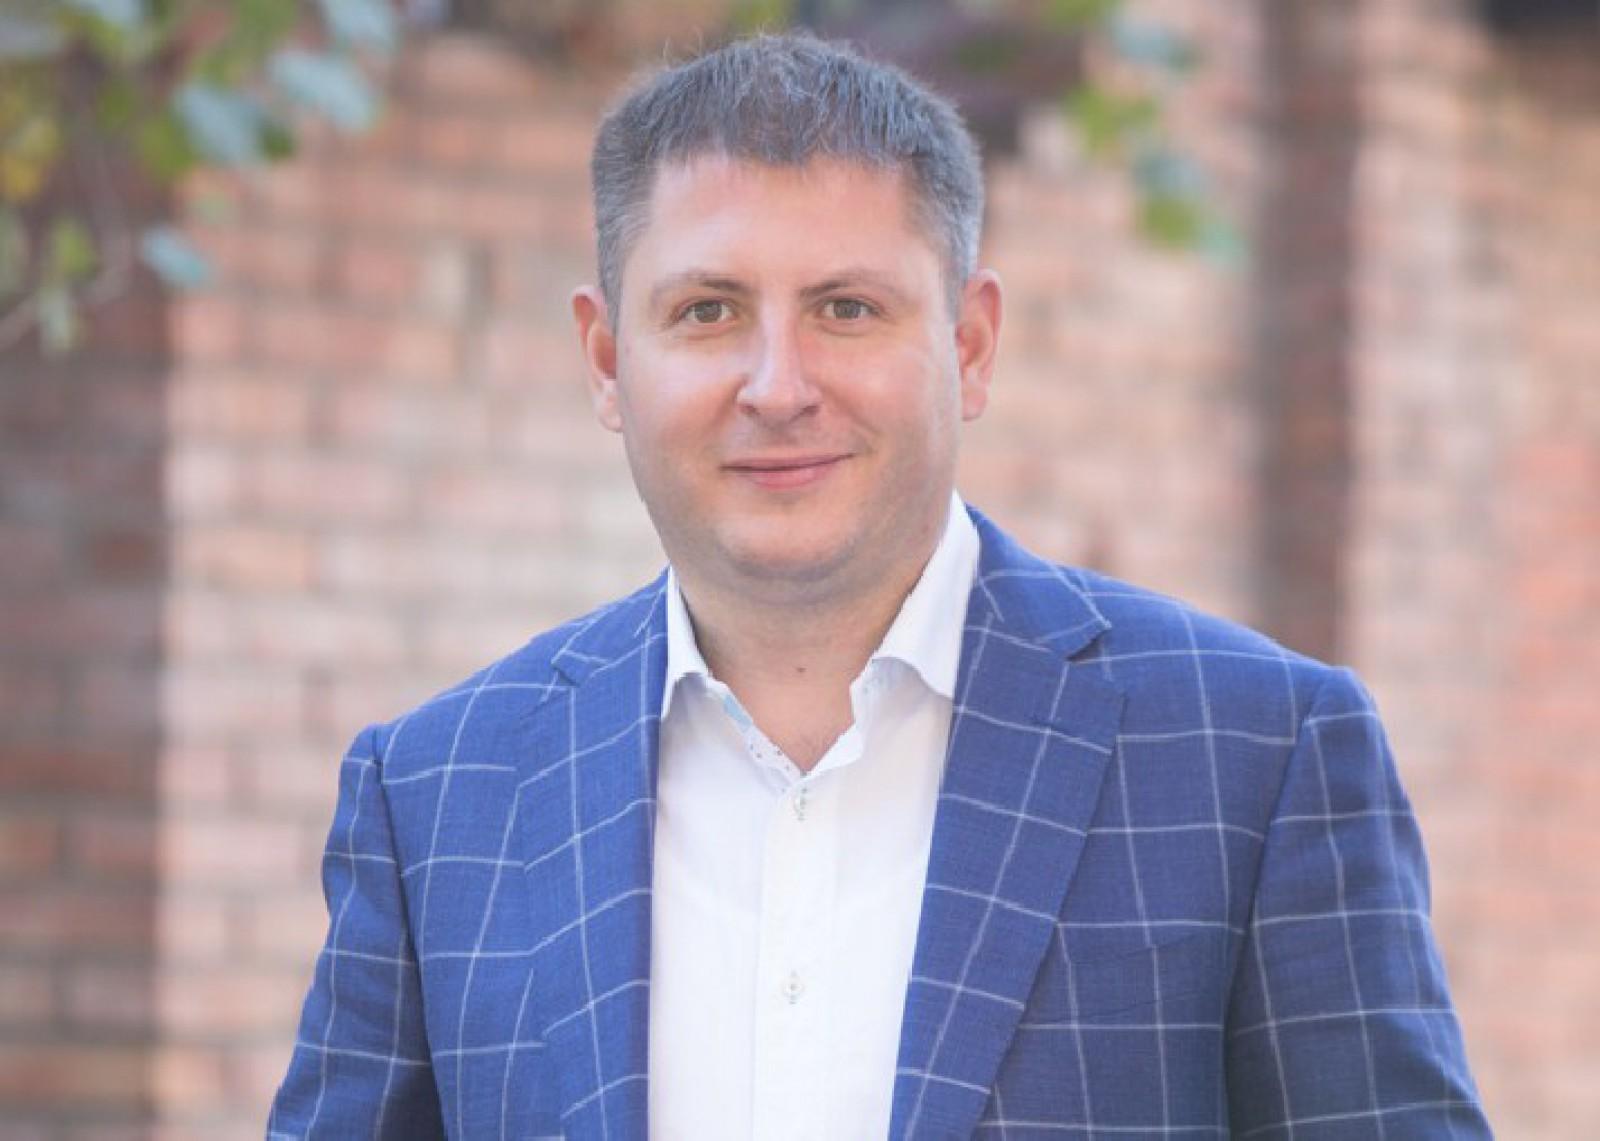 """Alexandru Machedon și-a îndeplinit misiunea și revine la StarNet: """"M-am implicat pentru asigurarea victoriei lui Andrei Năstase. Revin la activitatea mea"""""""